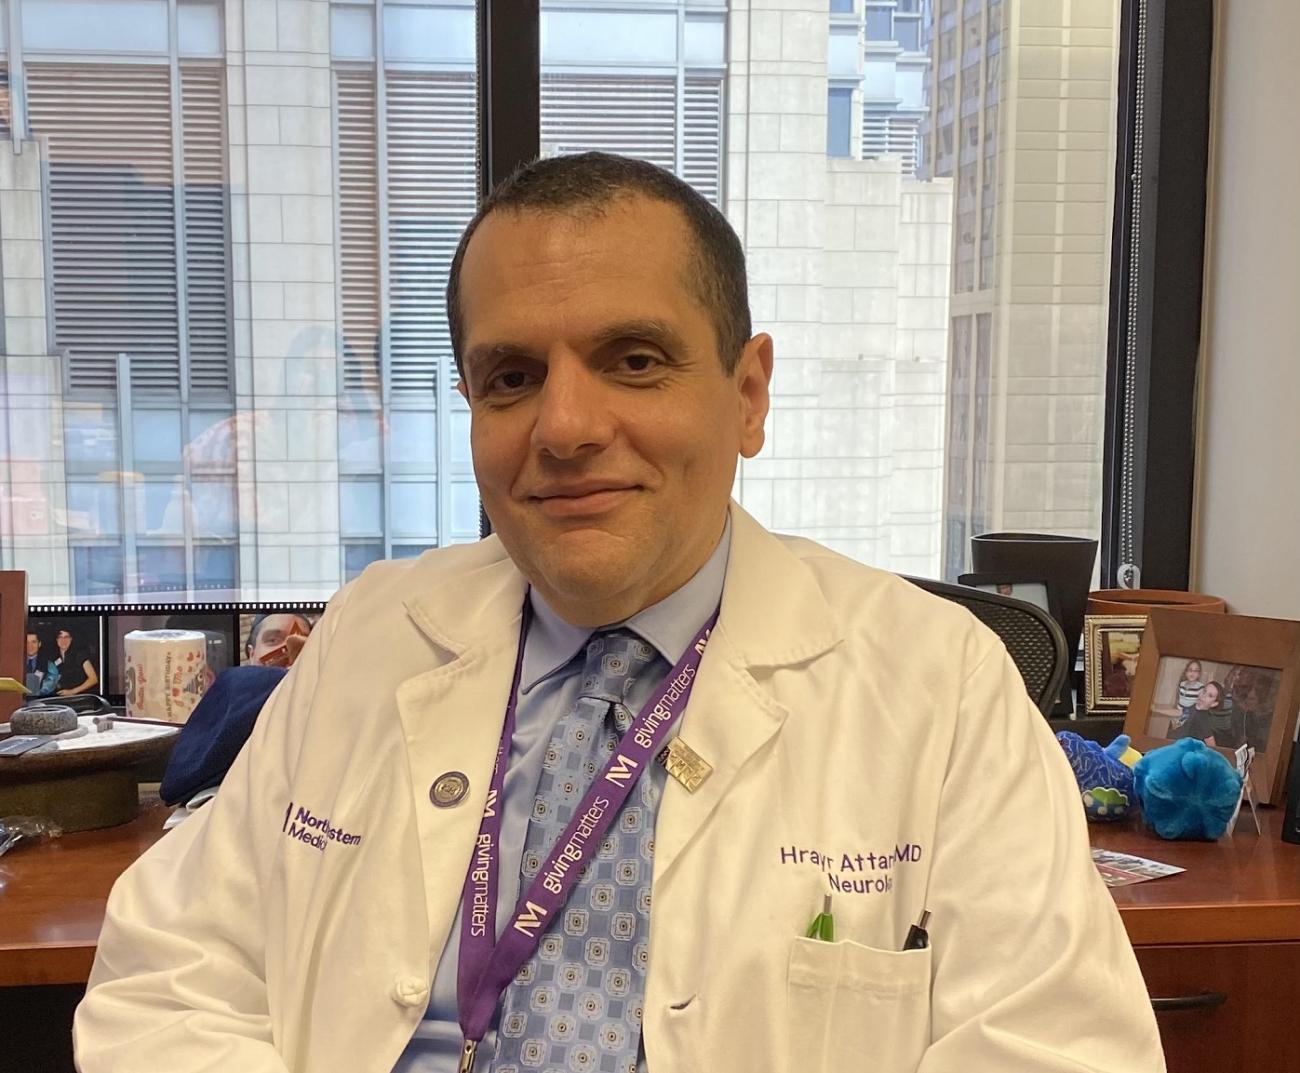 ԵՊԲՀ այցելու պրոֆեսորը տպավորված է Հայաստանում կլինիկական հմտությունների մակարդակով